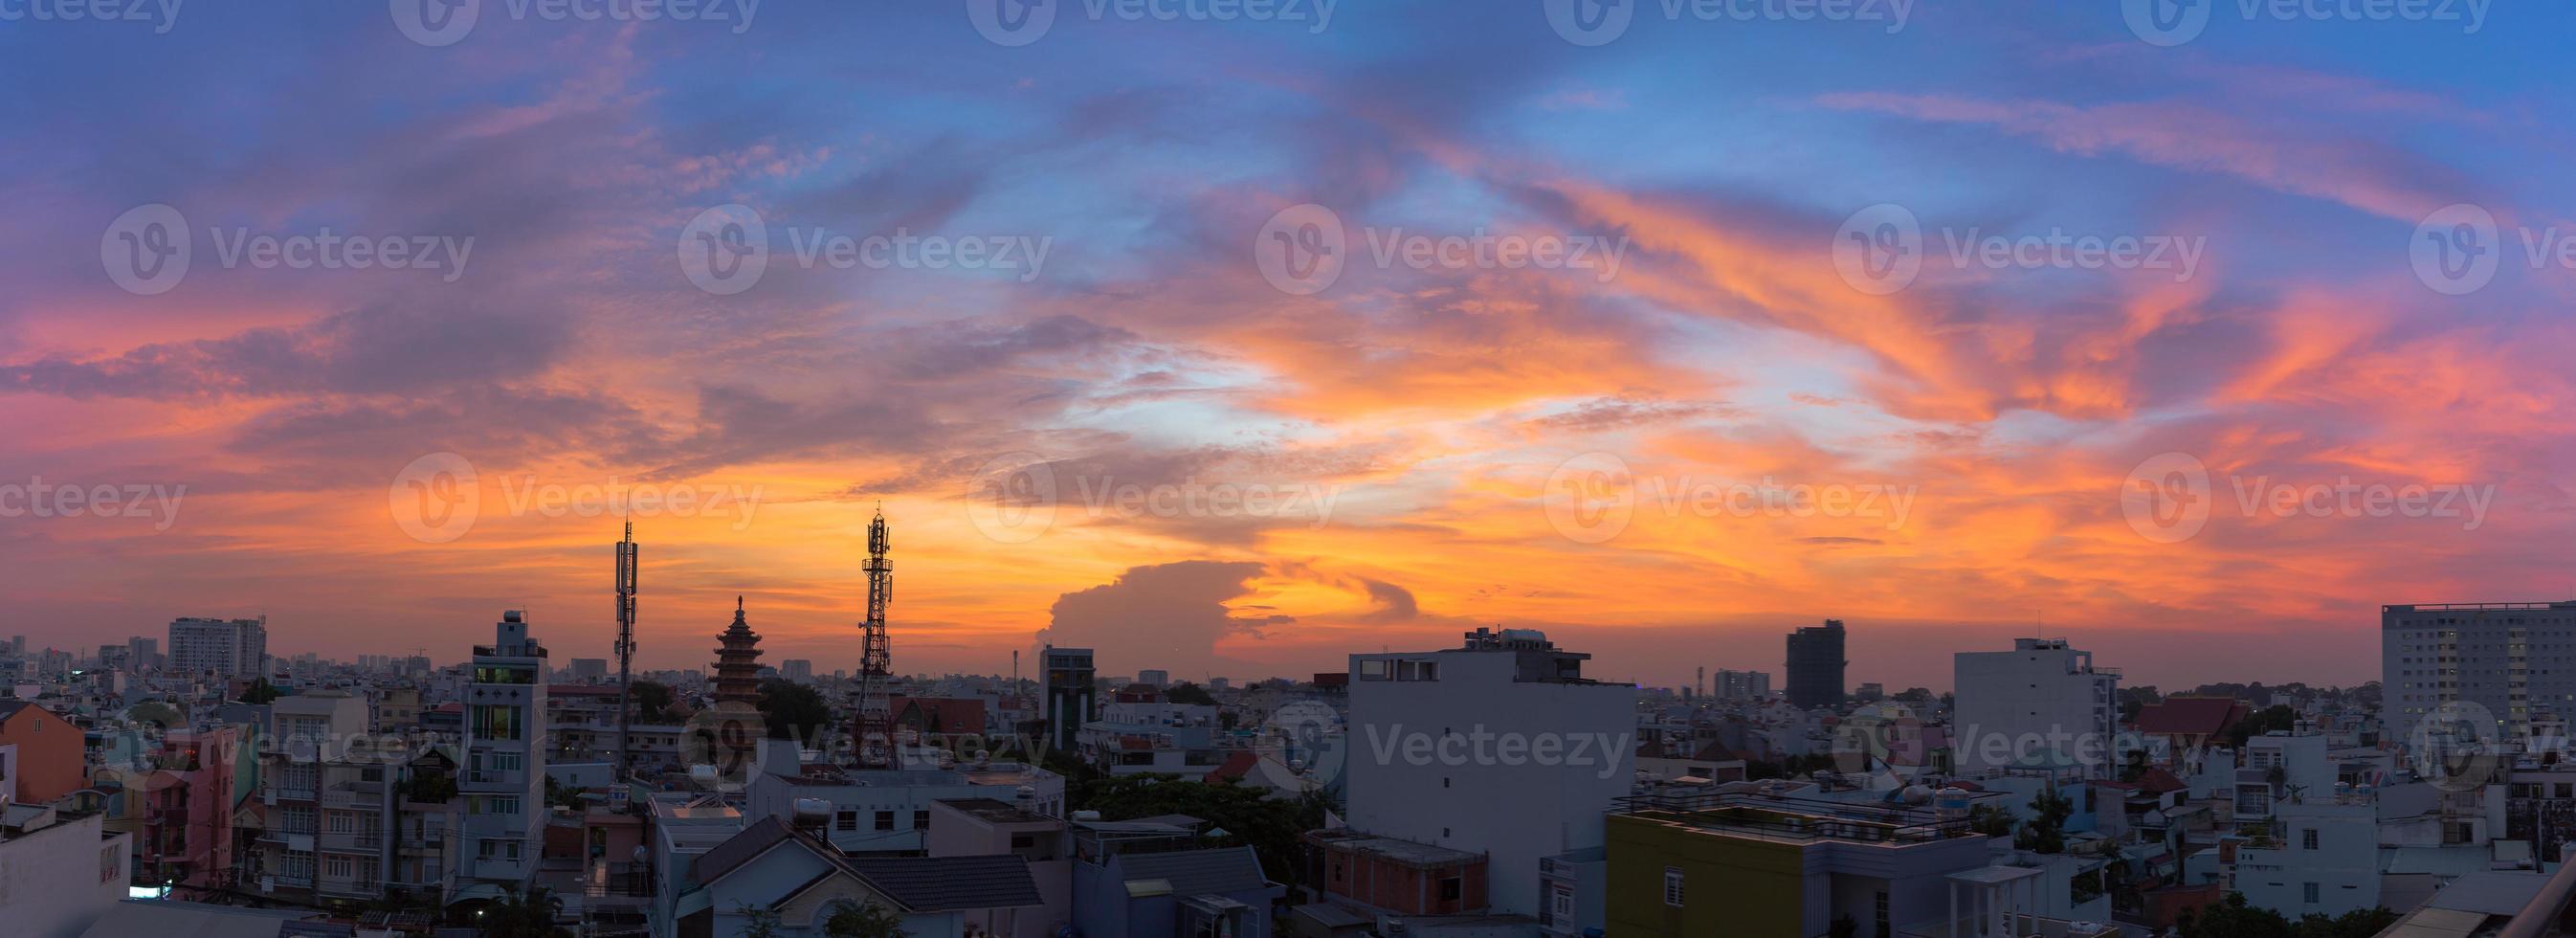 zonsondergang in de stad foto